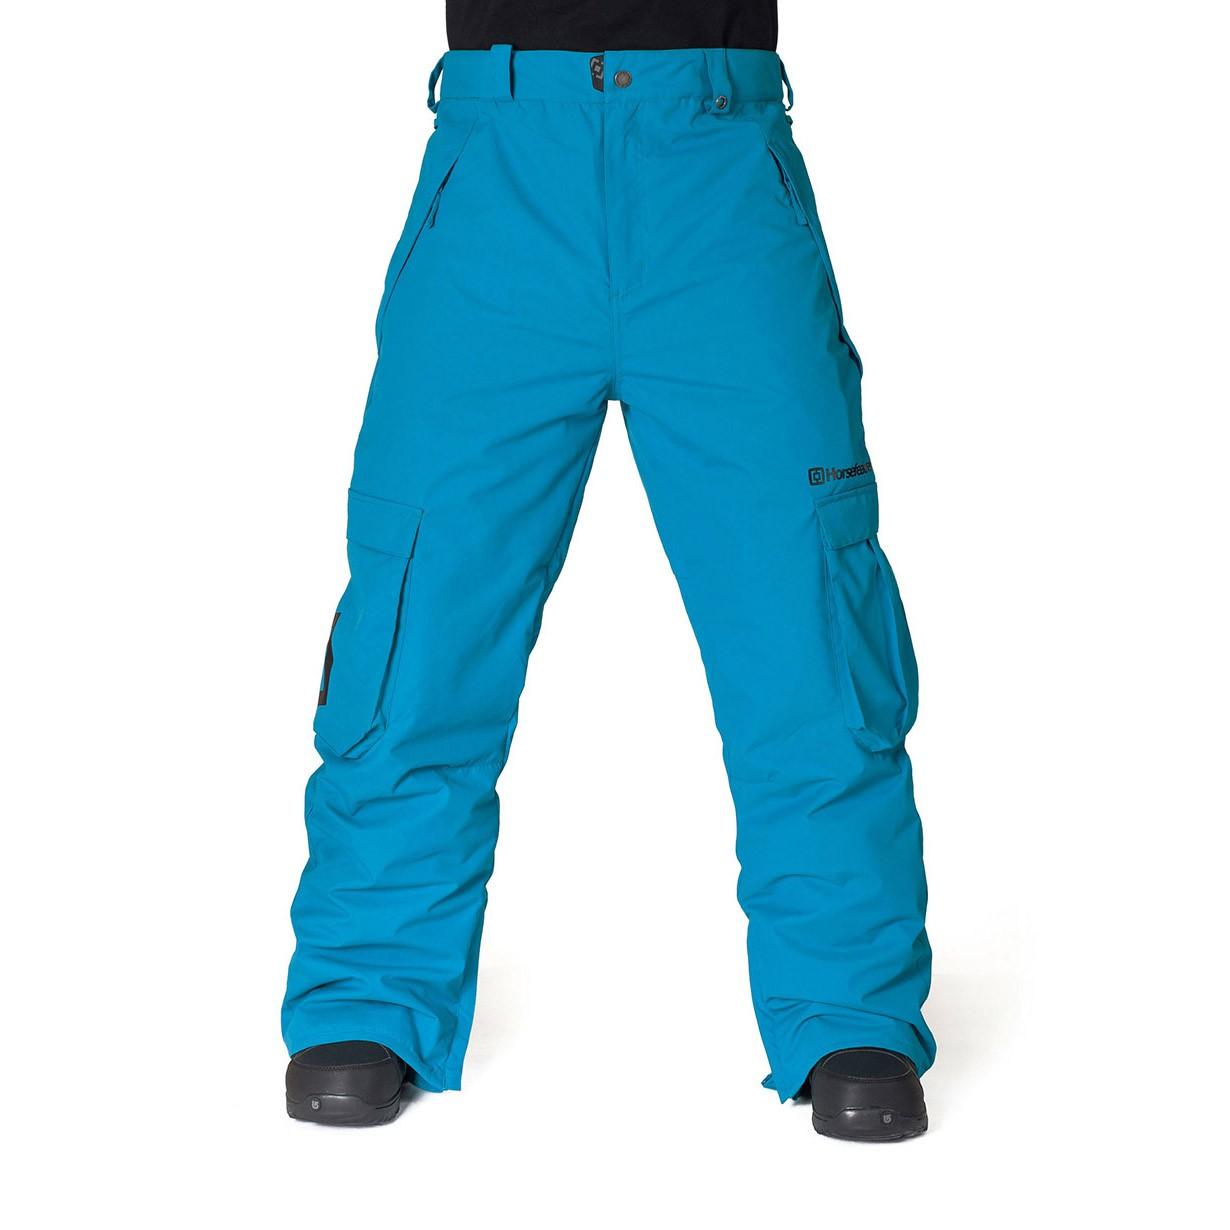 Kalhoty Horsefeathers Josh blue vel.XL 15/16 + doručení do 24 hodin